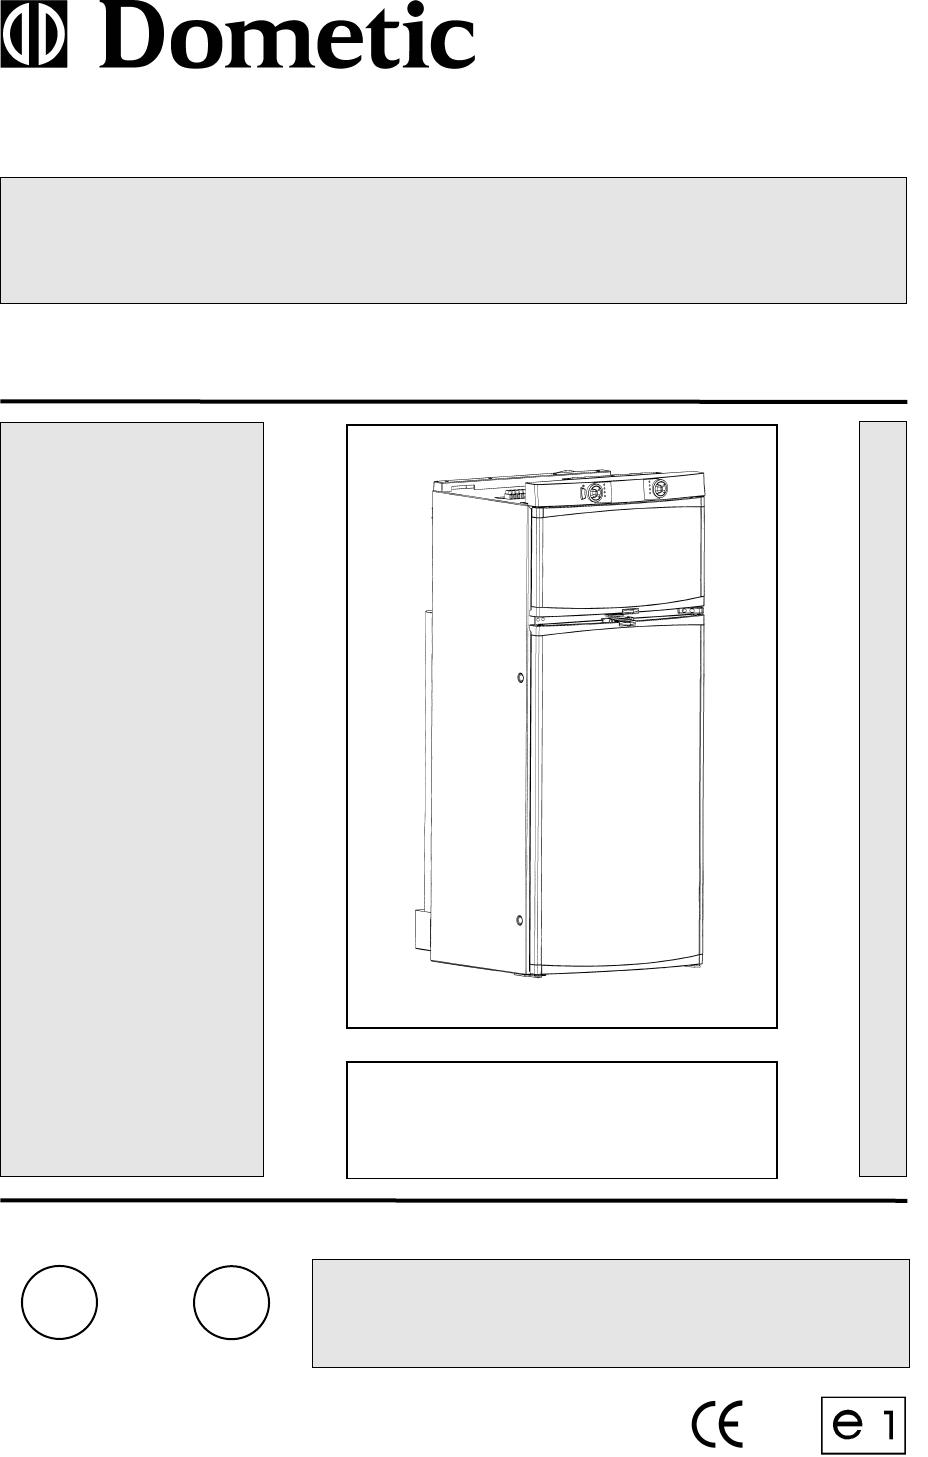 rm l 7601 k hlschrank dometic kristy d scott blog. Black Bedroom Furniture Sets. Home Design Ideas